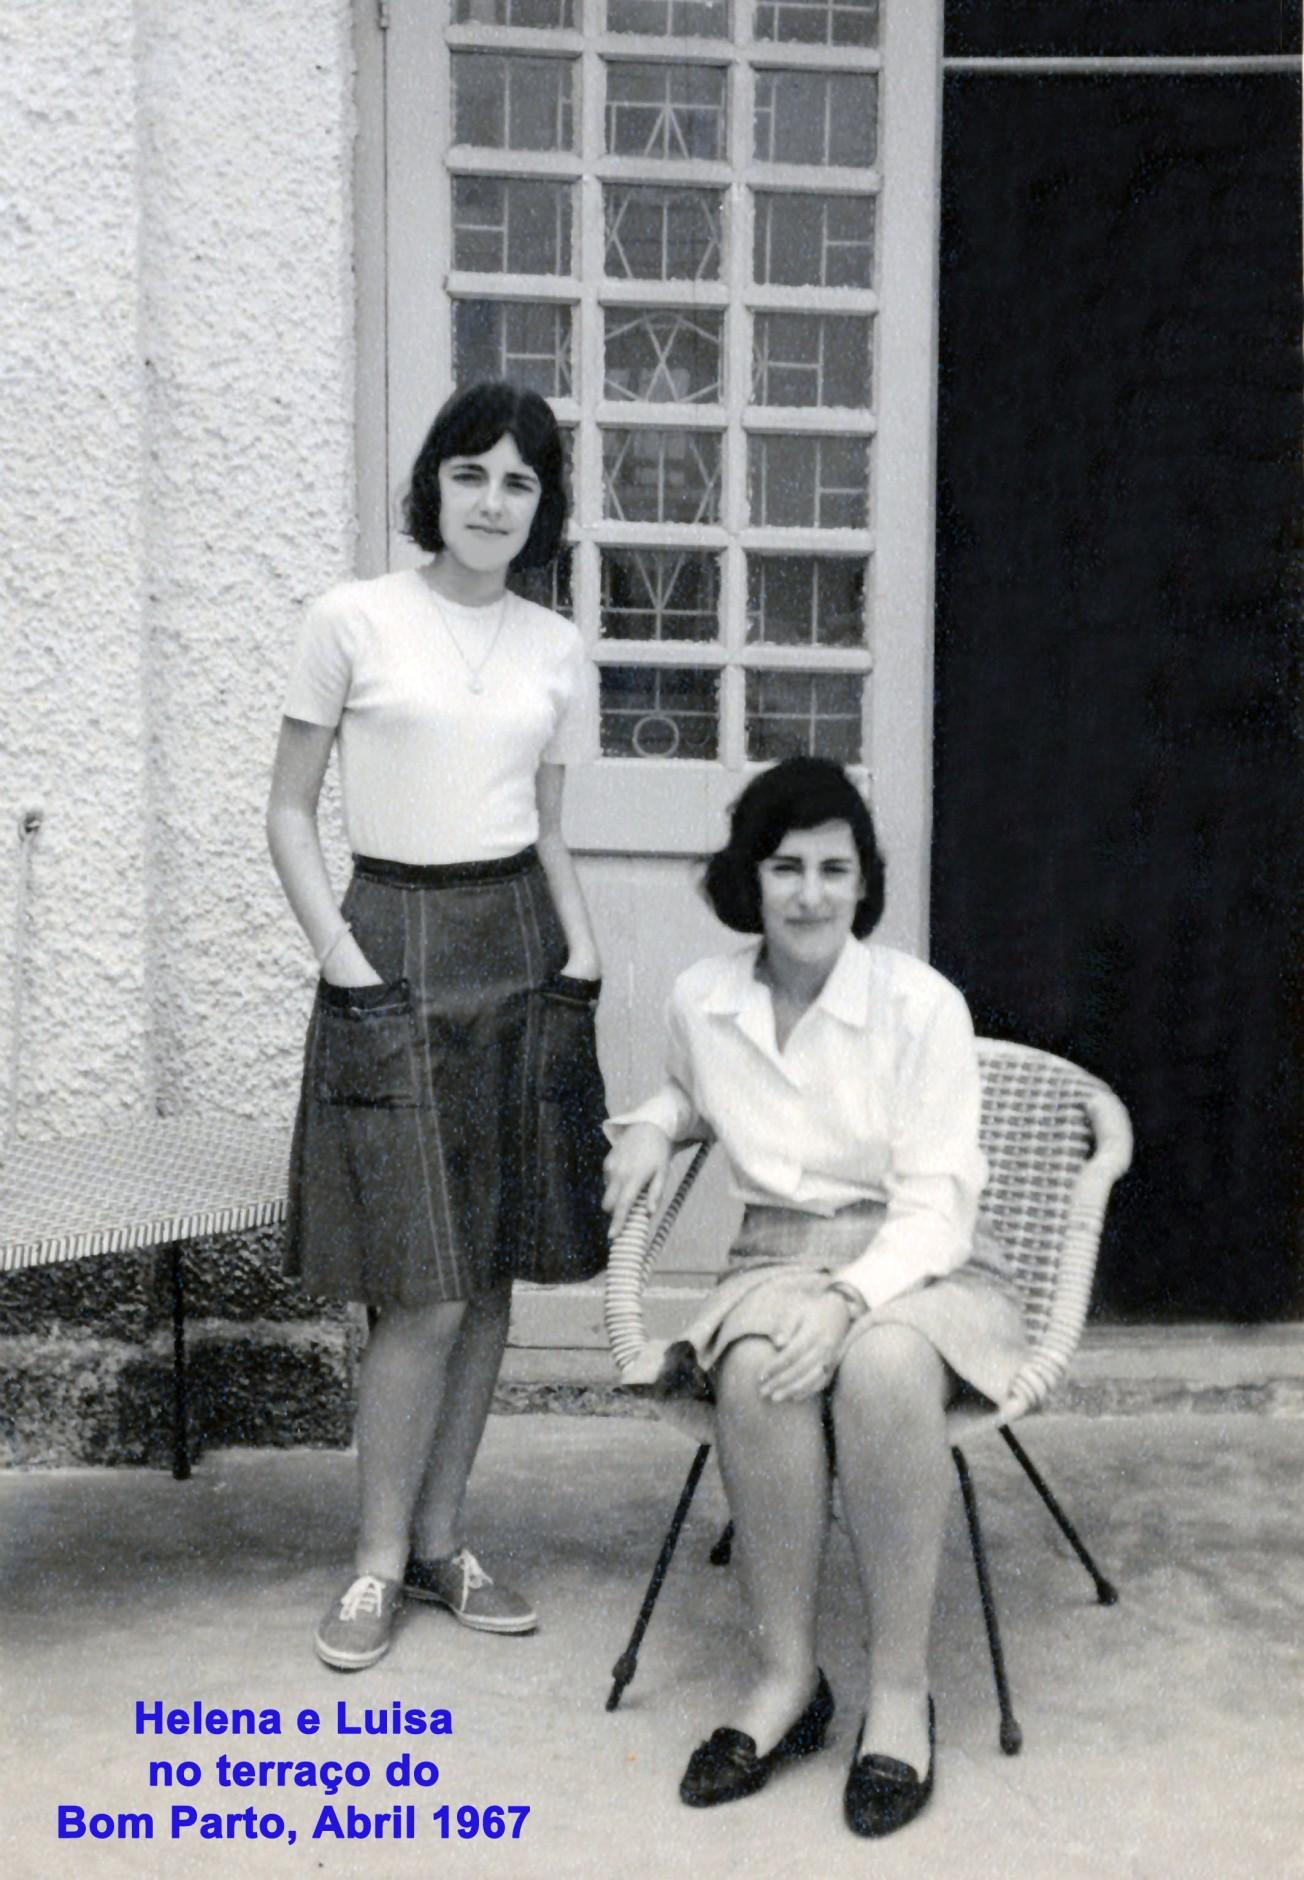 022 67-04 Helena de pé e Luisa sentada no Bom Parto